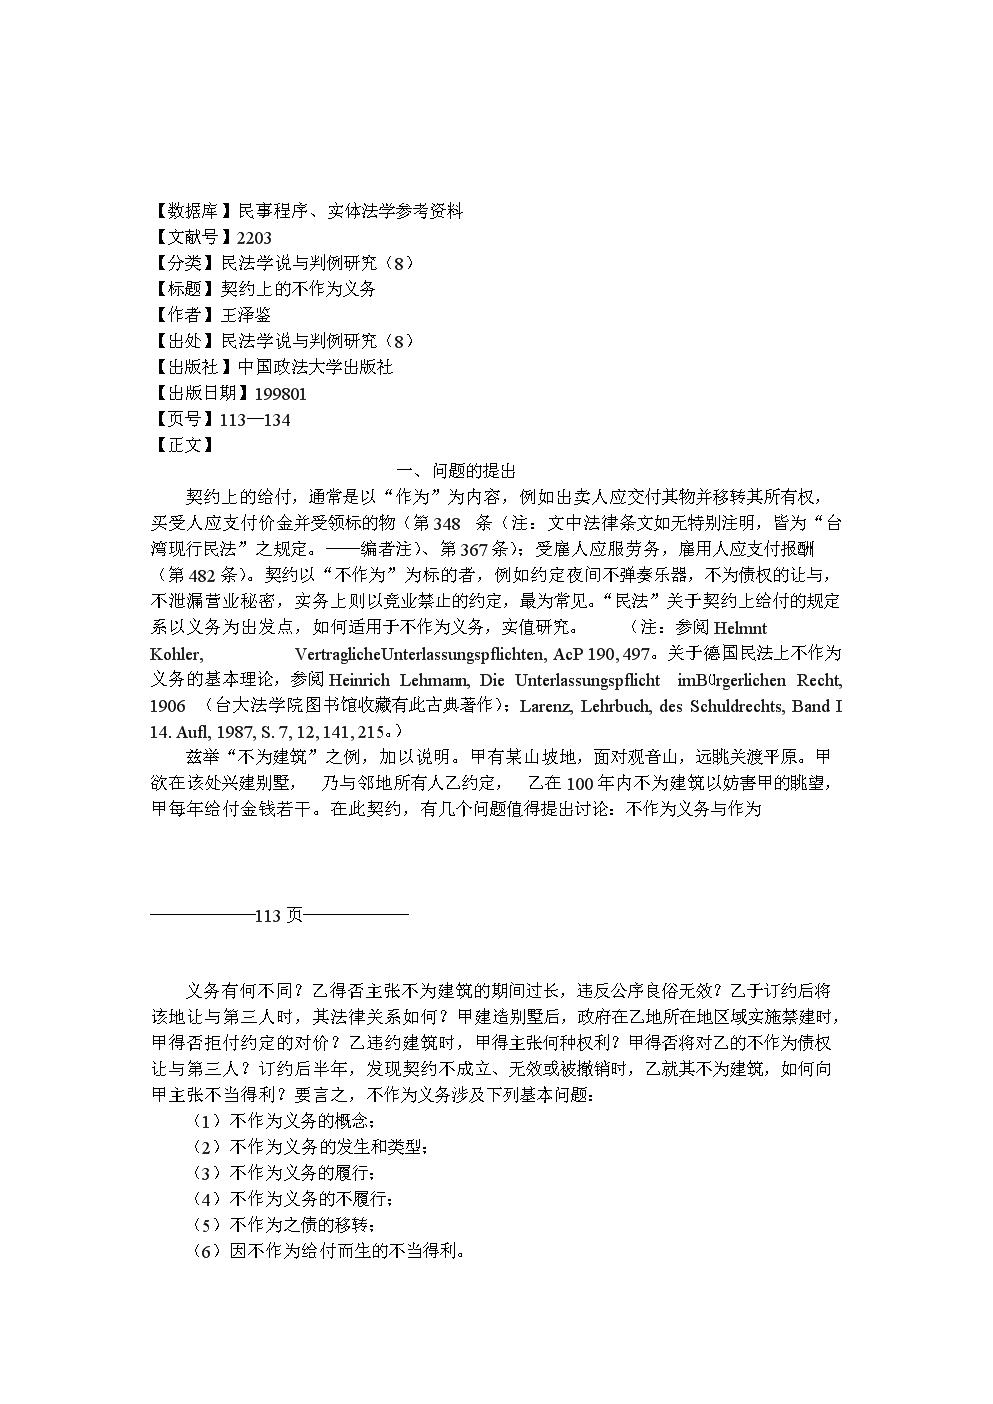 113-142 契约上的不作为义务.doc